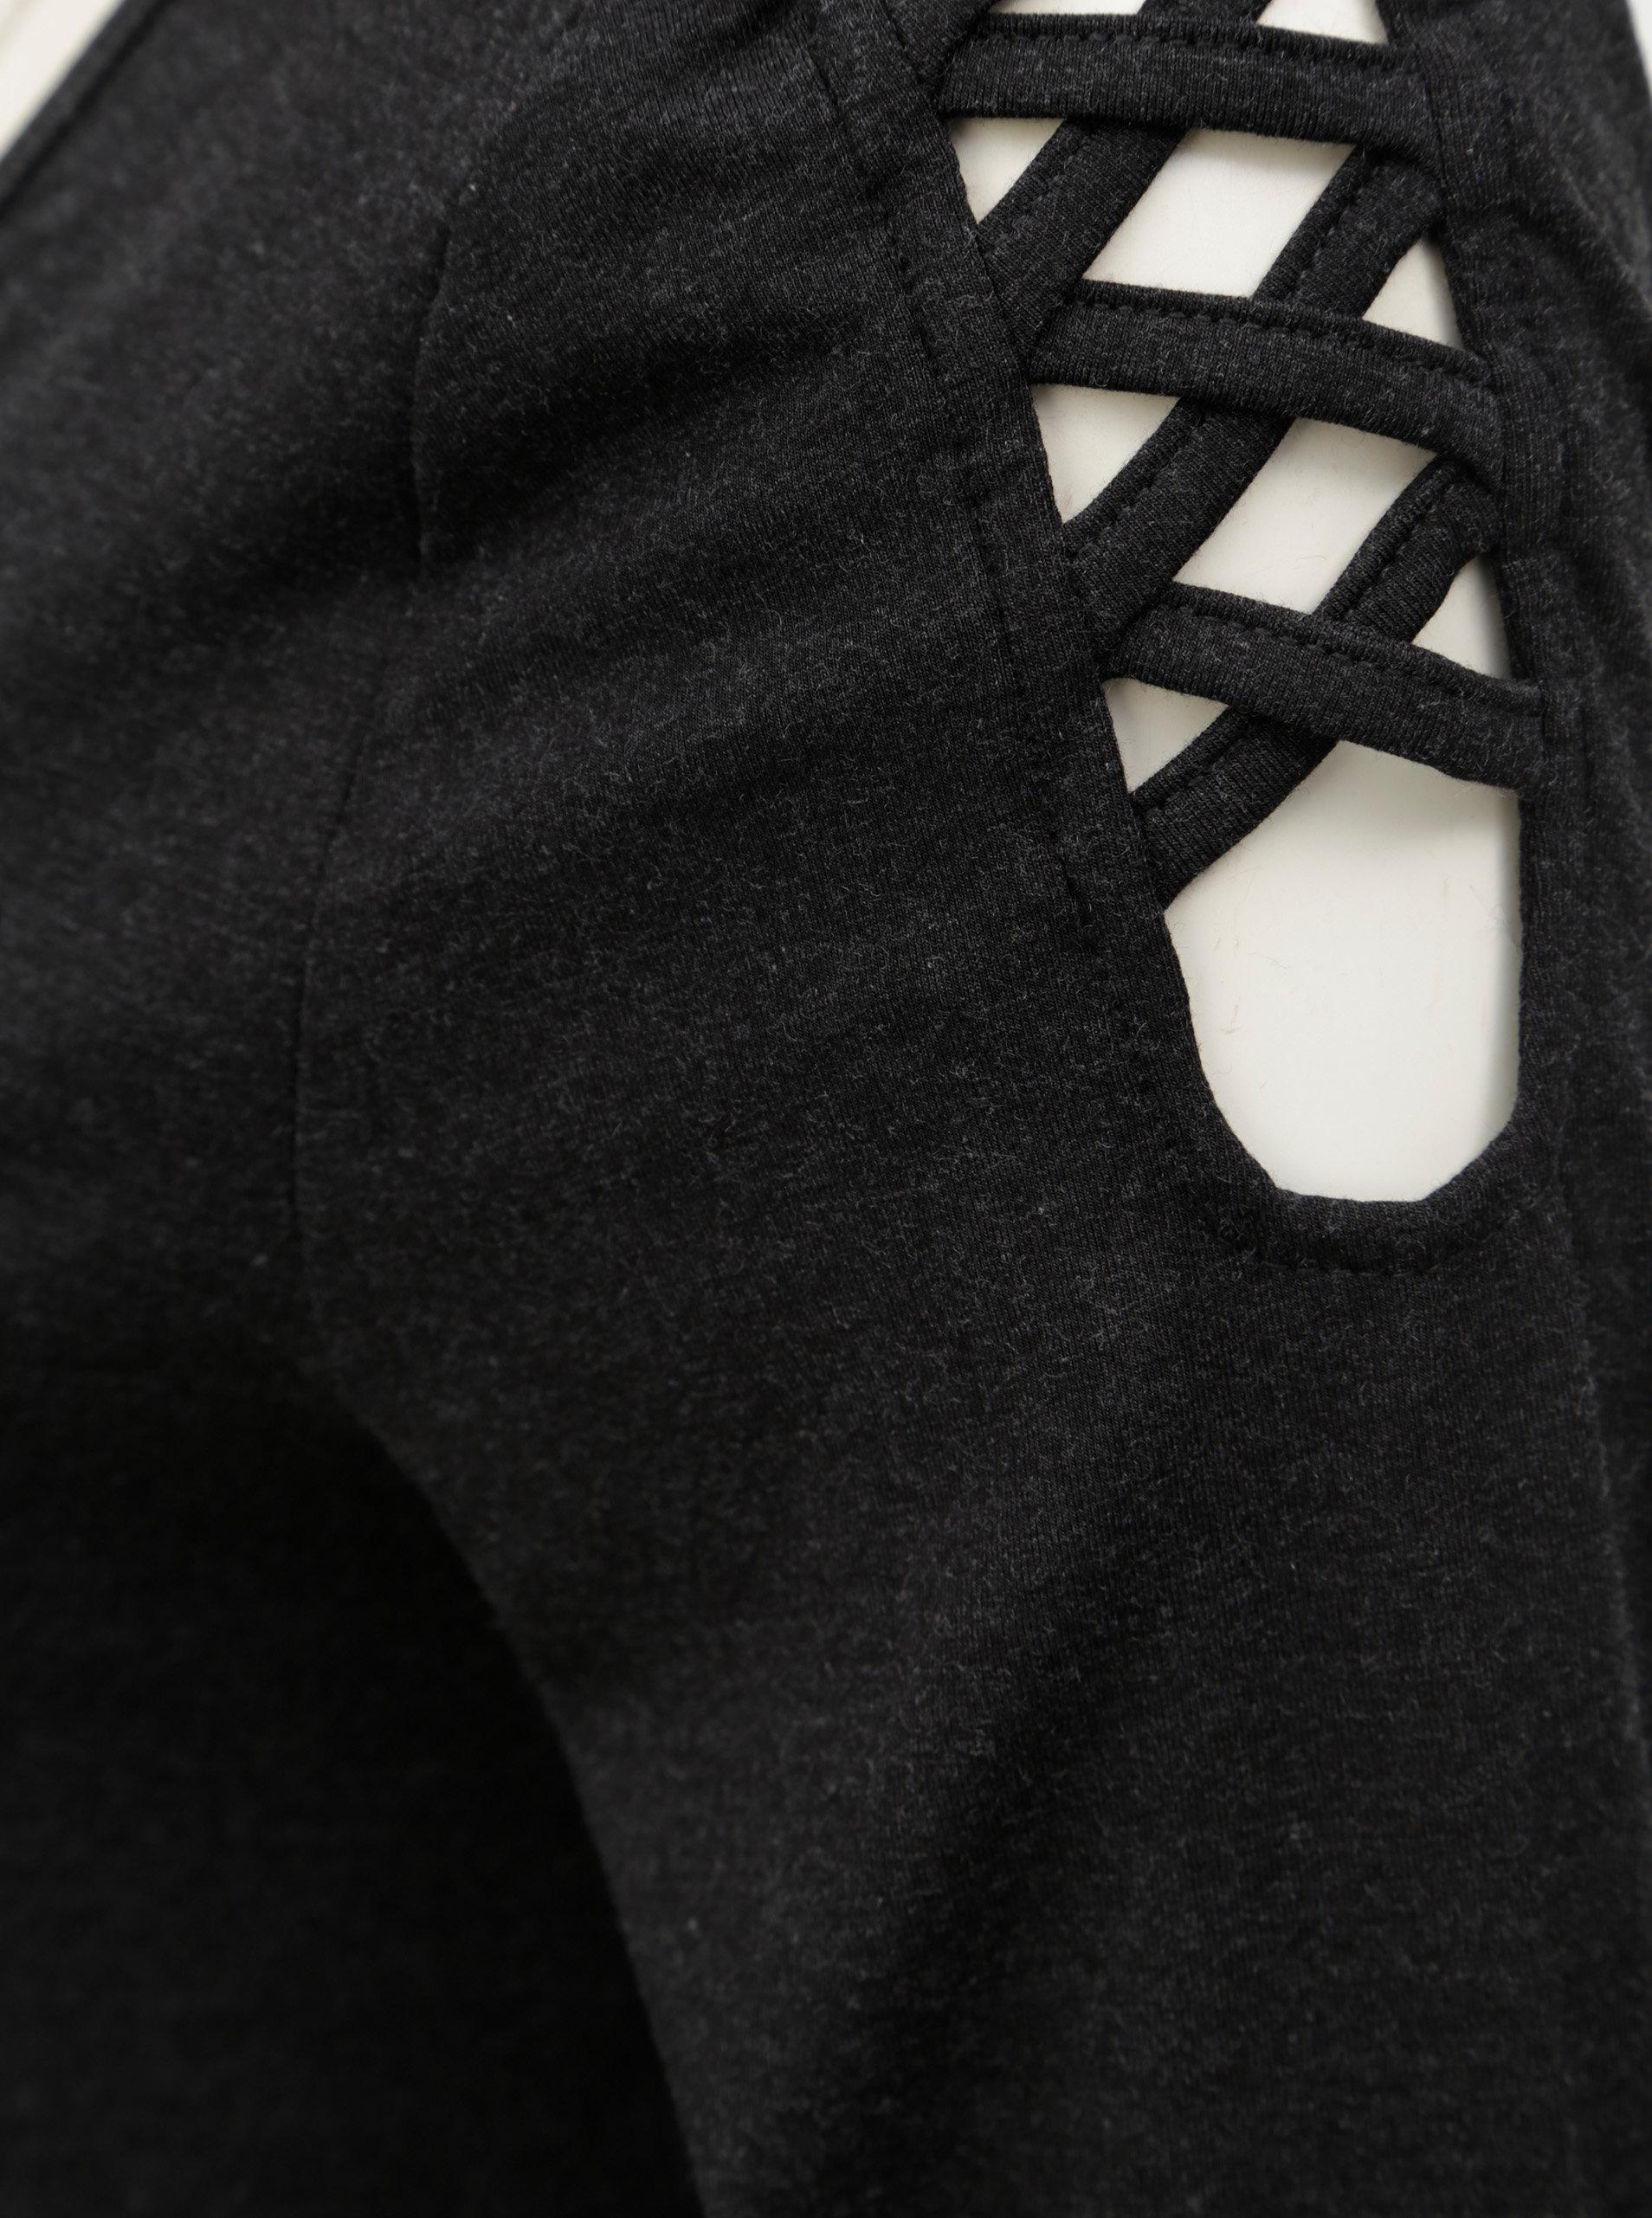 797ae2c804a3 Tmavosivé tričko s dlhým rukávom a pásikmi na ramenách Yest ...